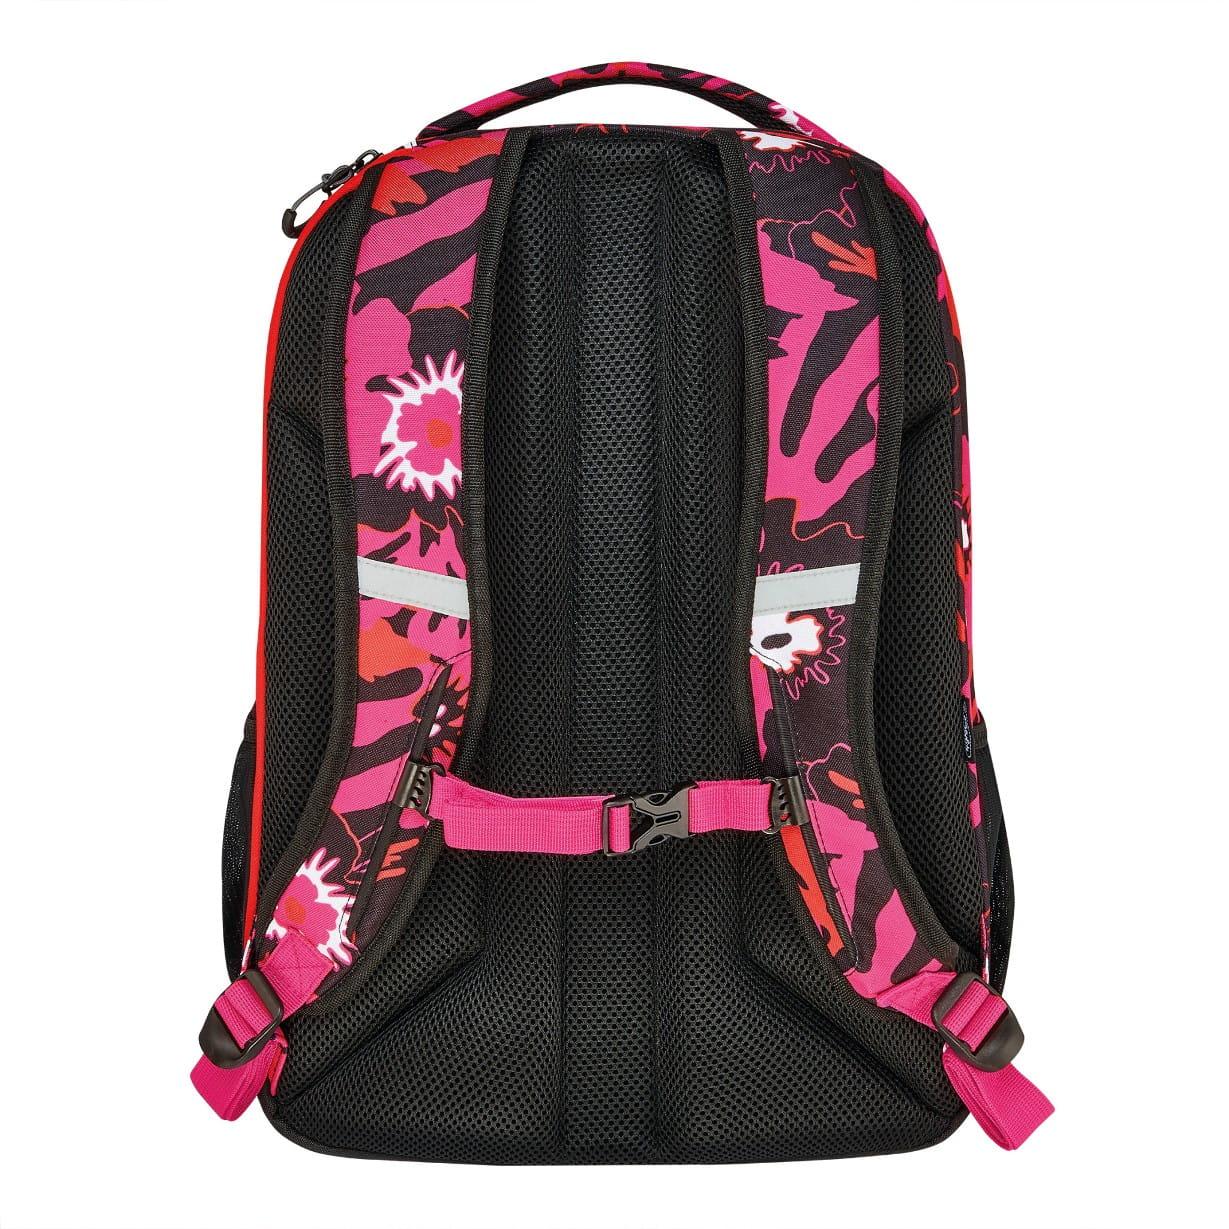 f64396ca1f484 ... 24800280_plecak_szkolny_młodzieżowy_Herlitz  be_bag_Be_Ready_widok_plecy_motyw_Pink_Summer.jpg ·  24800280_plecak_szkolny_młodzieżowy_Herlitz ...